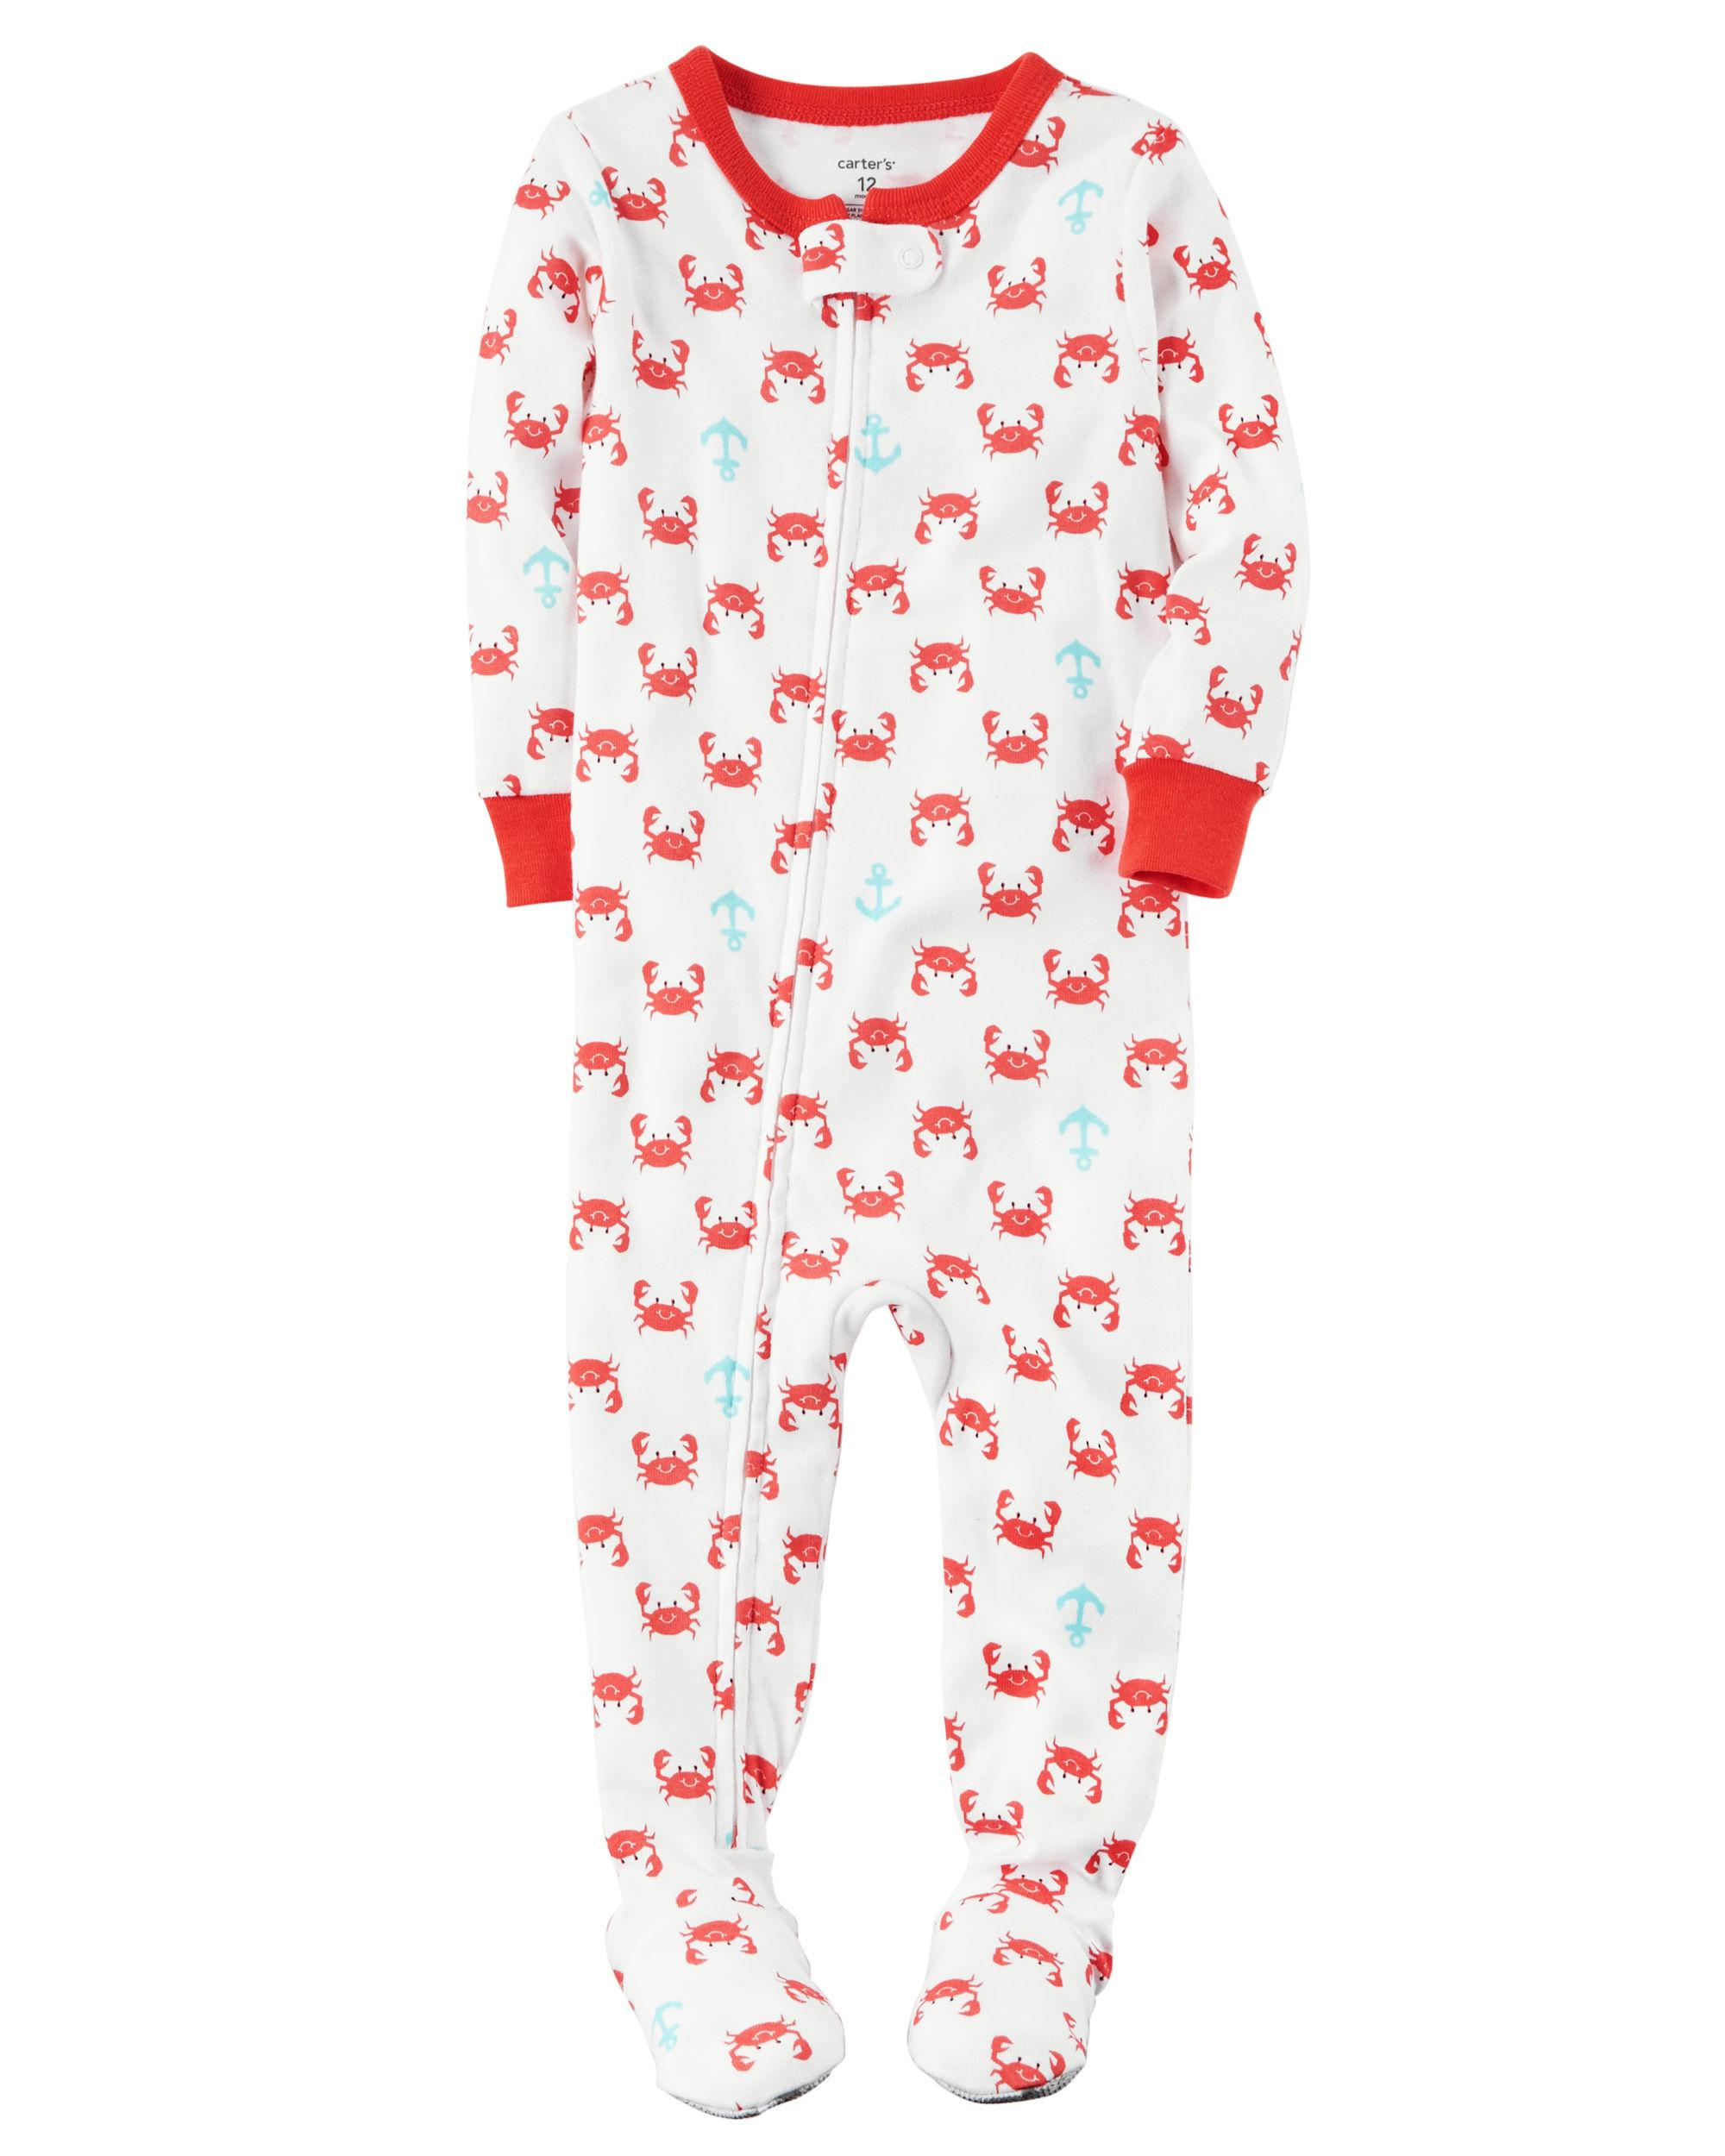 Carters 1-Piece Snug Fit Cotton PJs crab 1e597a4a6